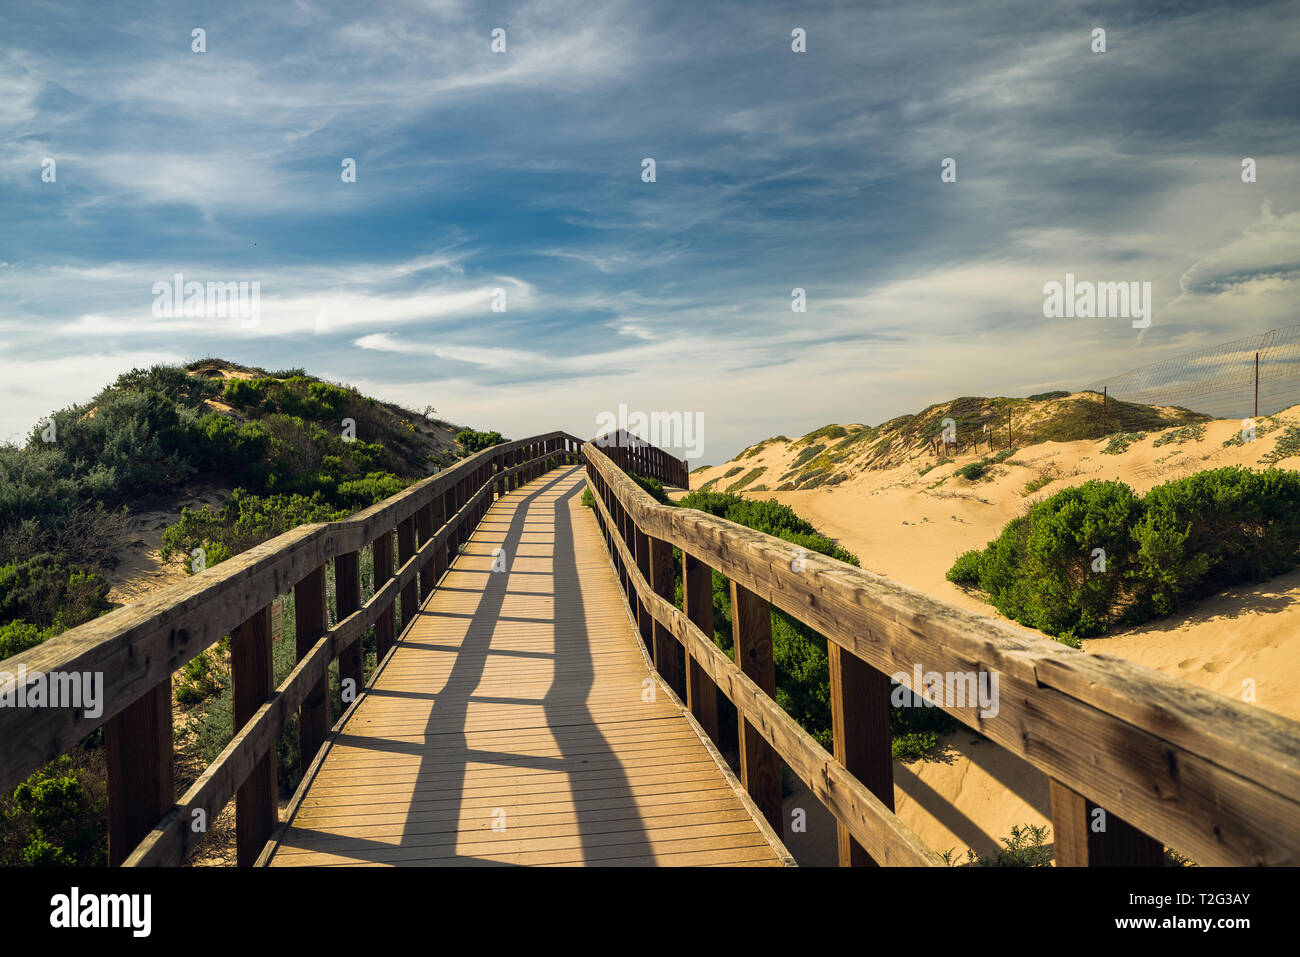 Legno rustico Beach Boardwalk attraverso le dune di sabbia. Oso Flaco Lago Area naturale del parco statale, California Foto Stock